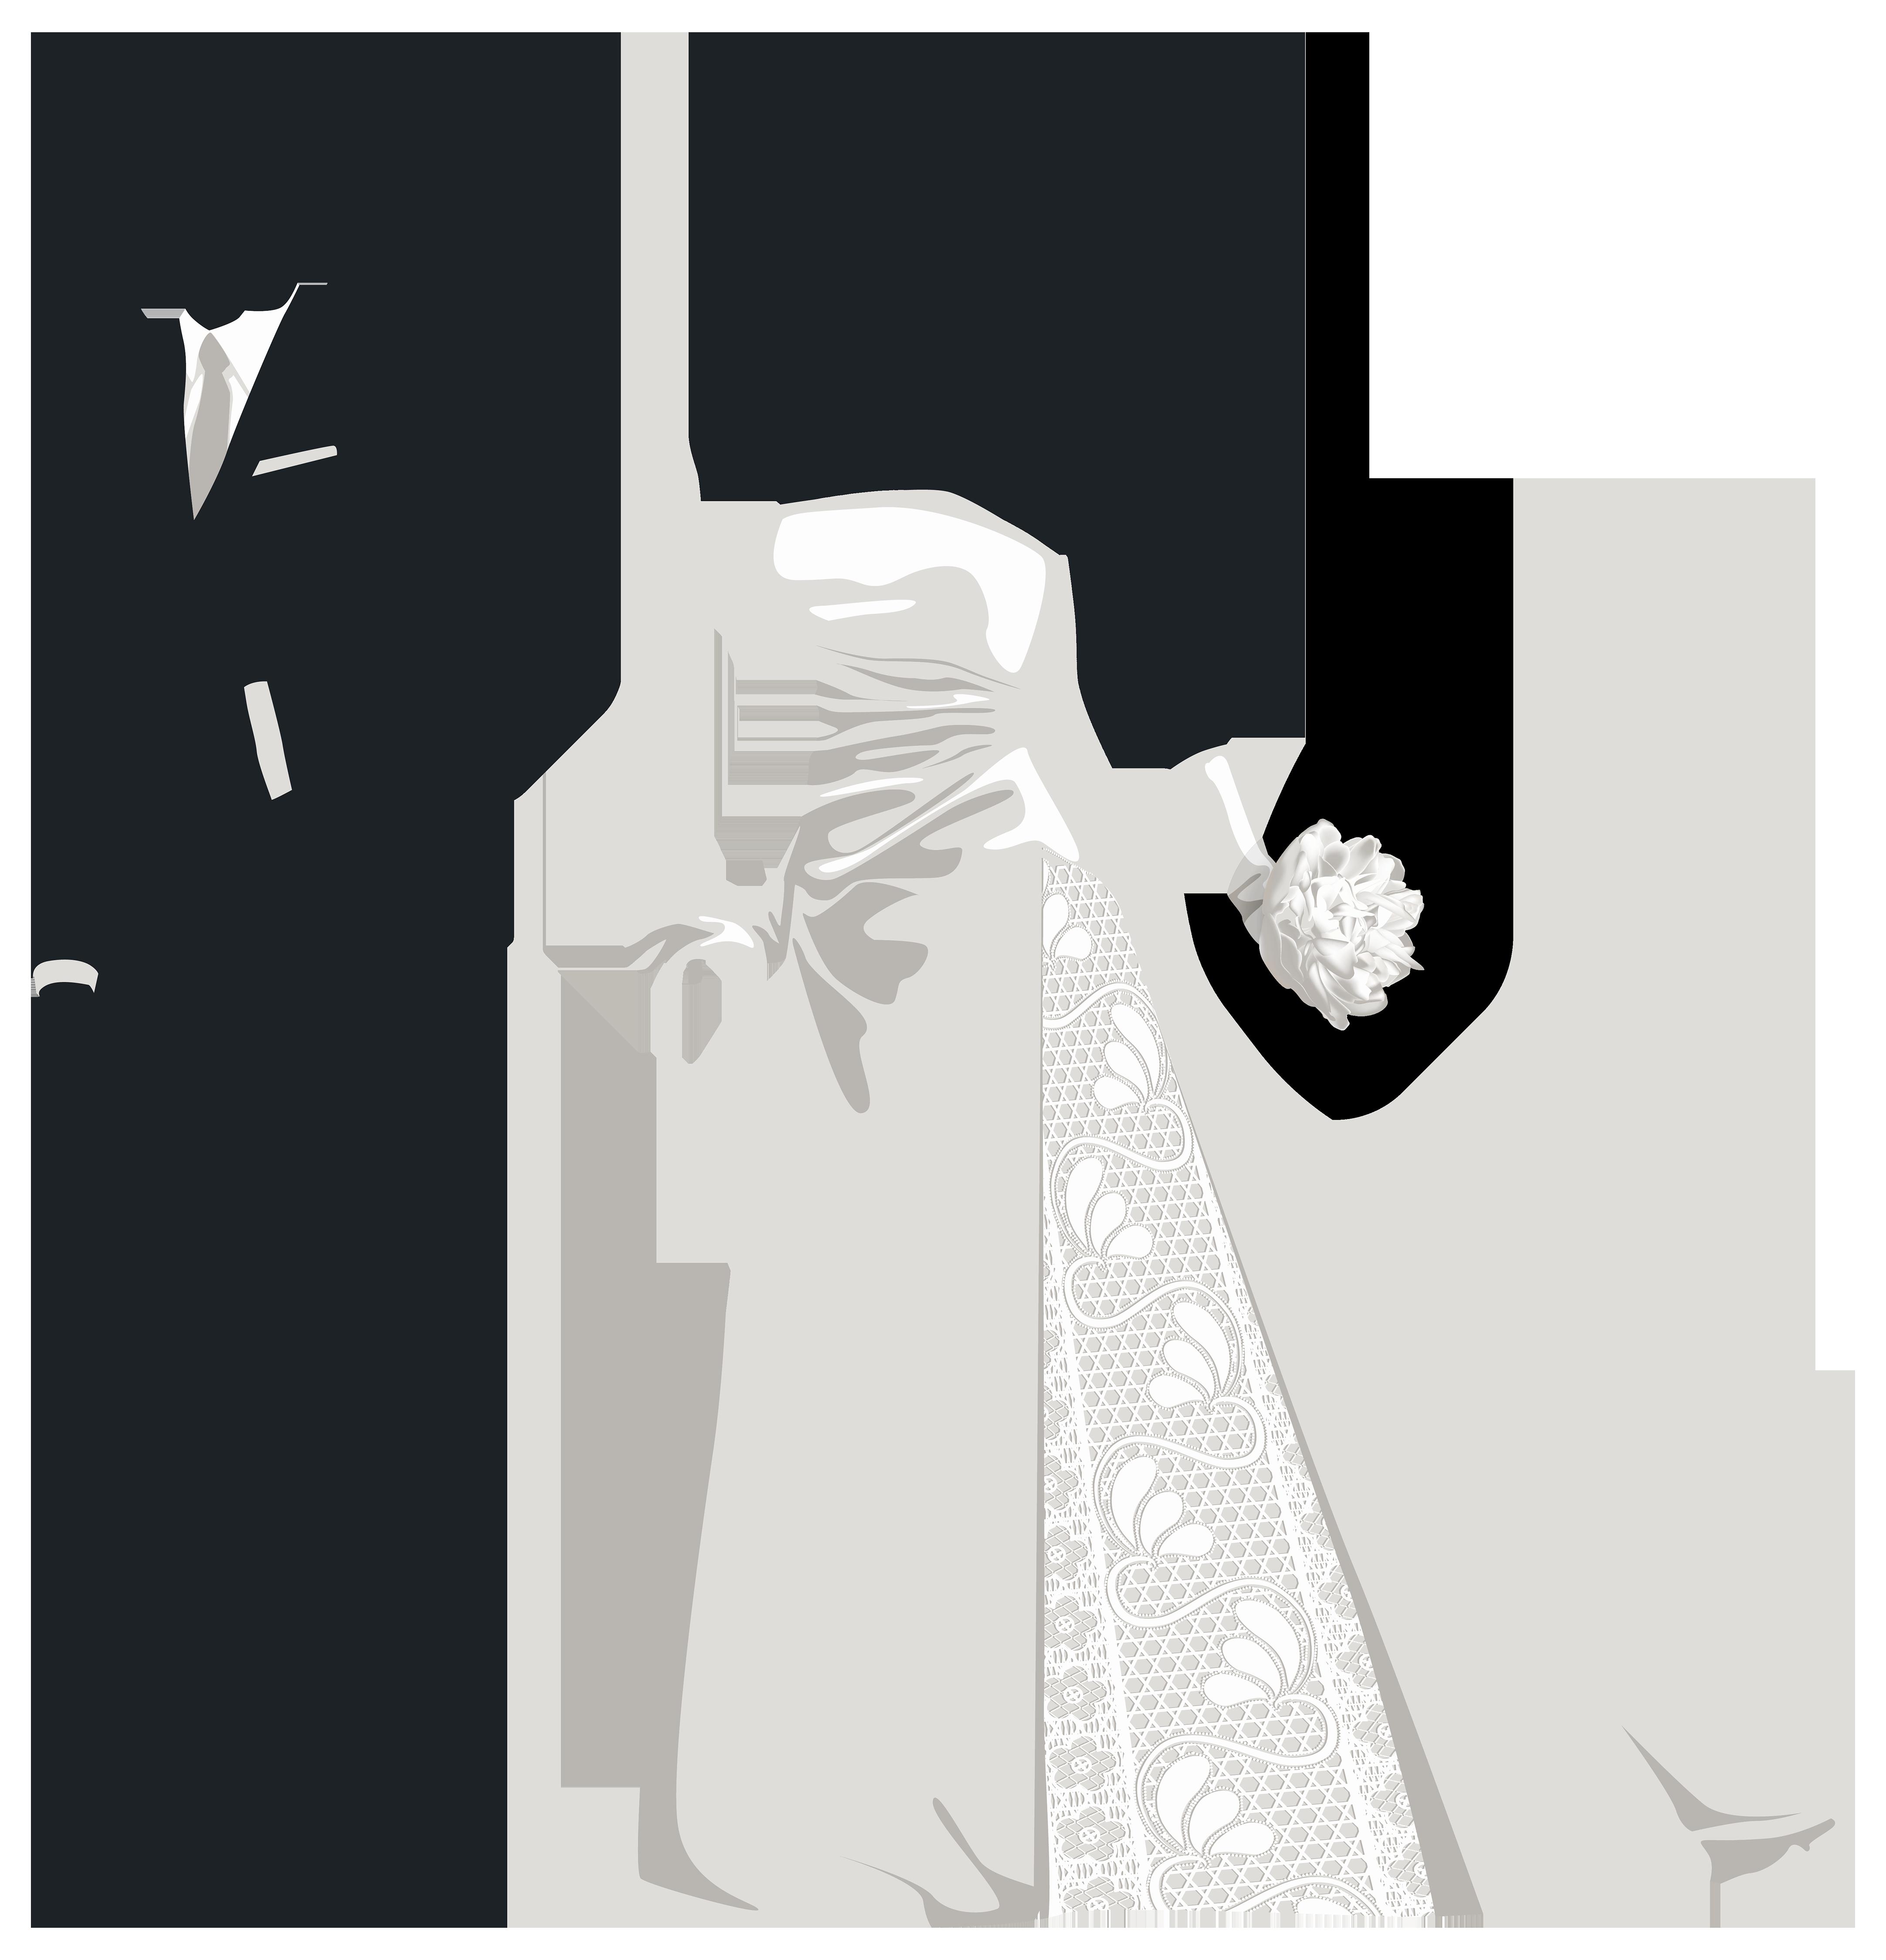 Именинами для, силуэты жениха и невесты для открытки